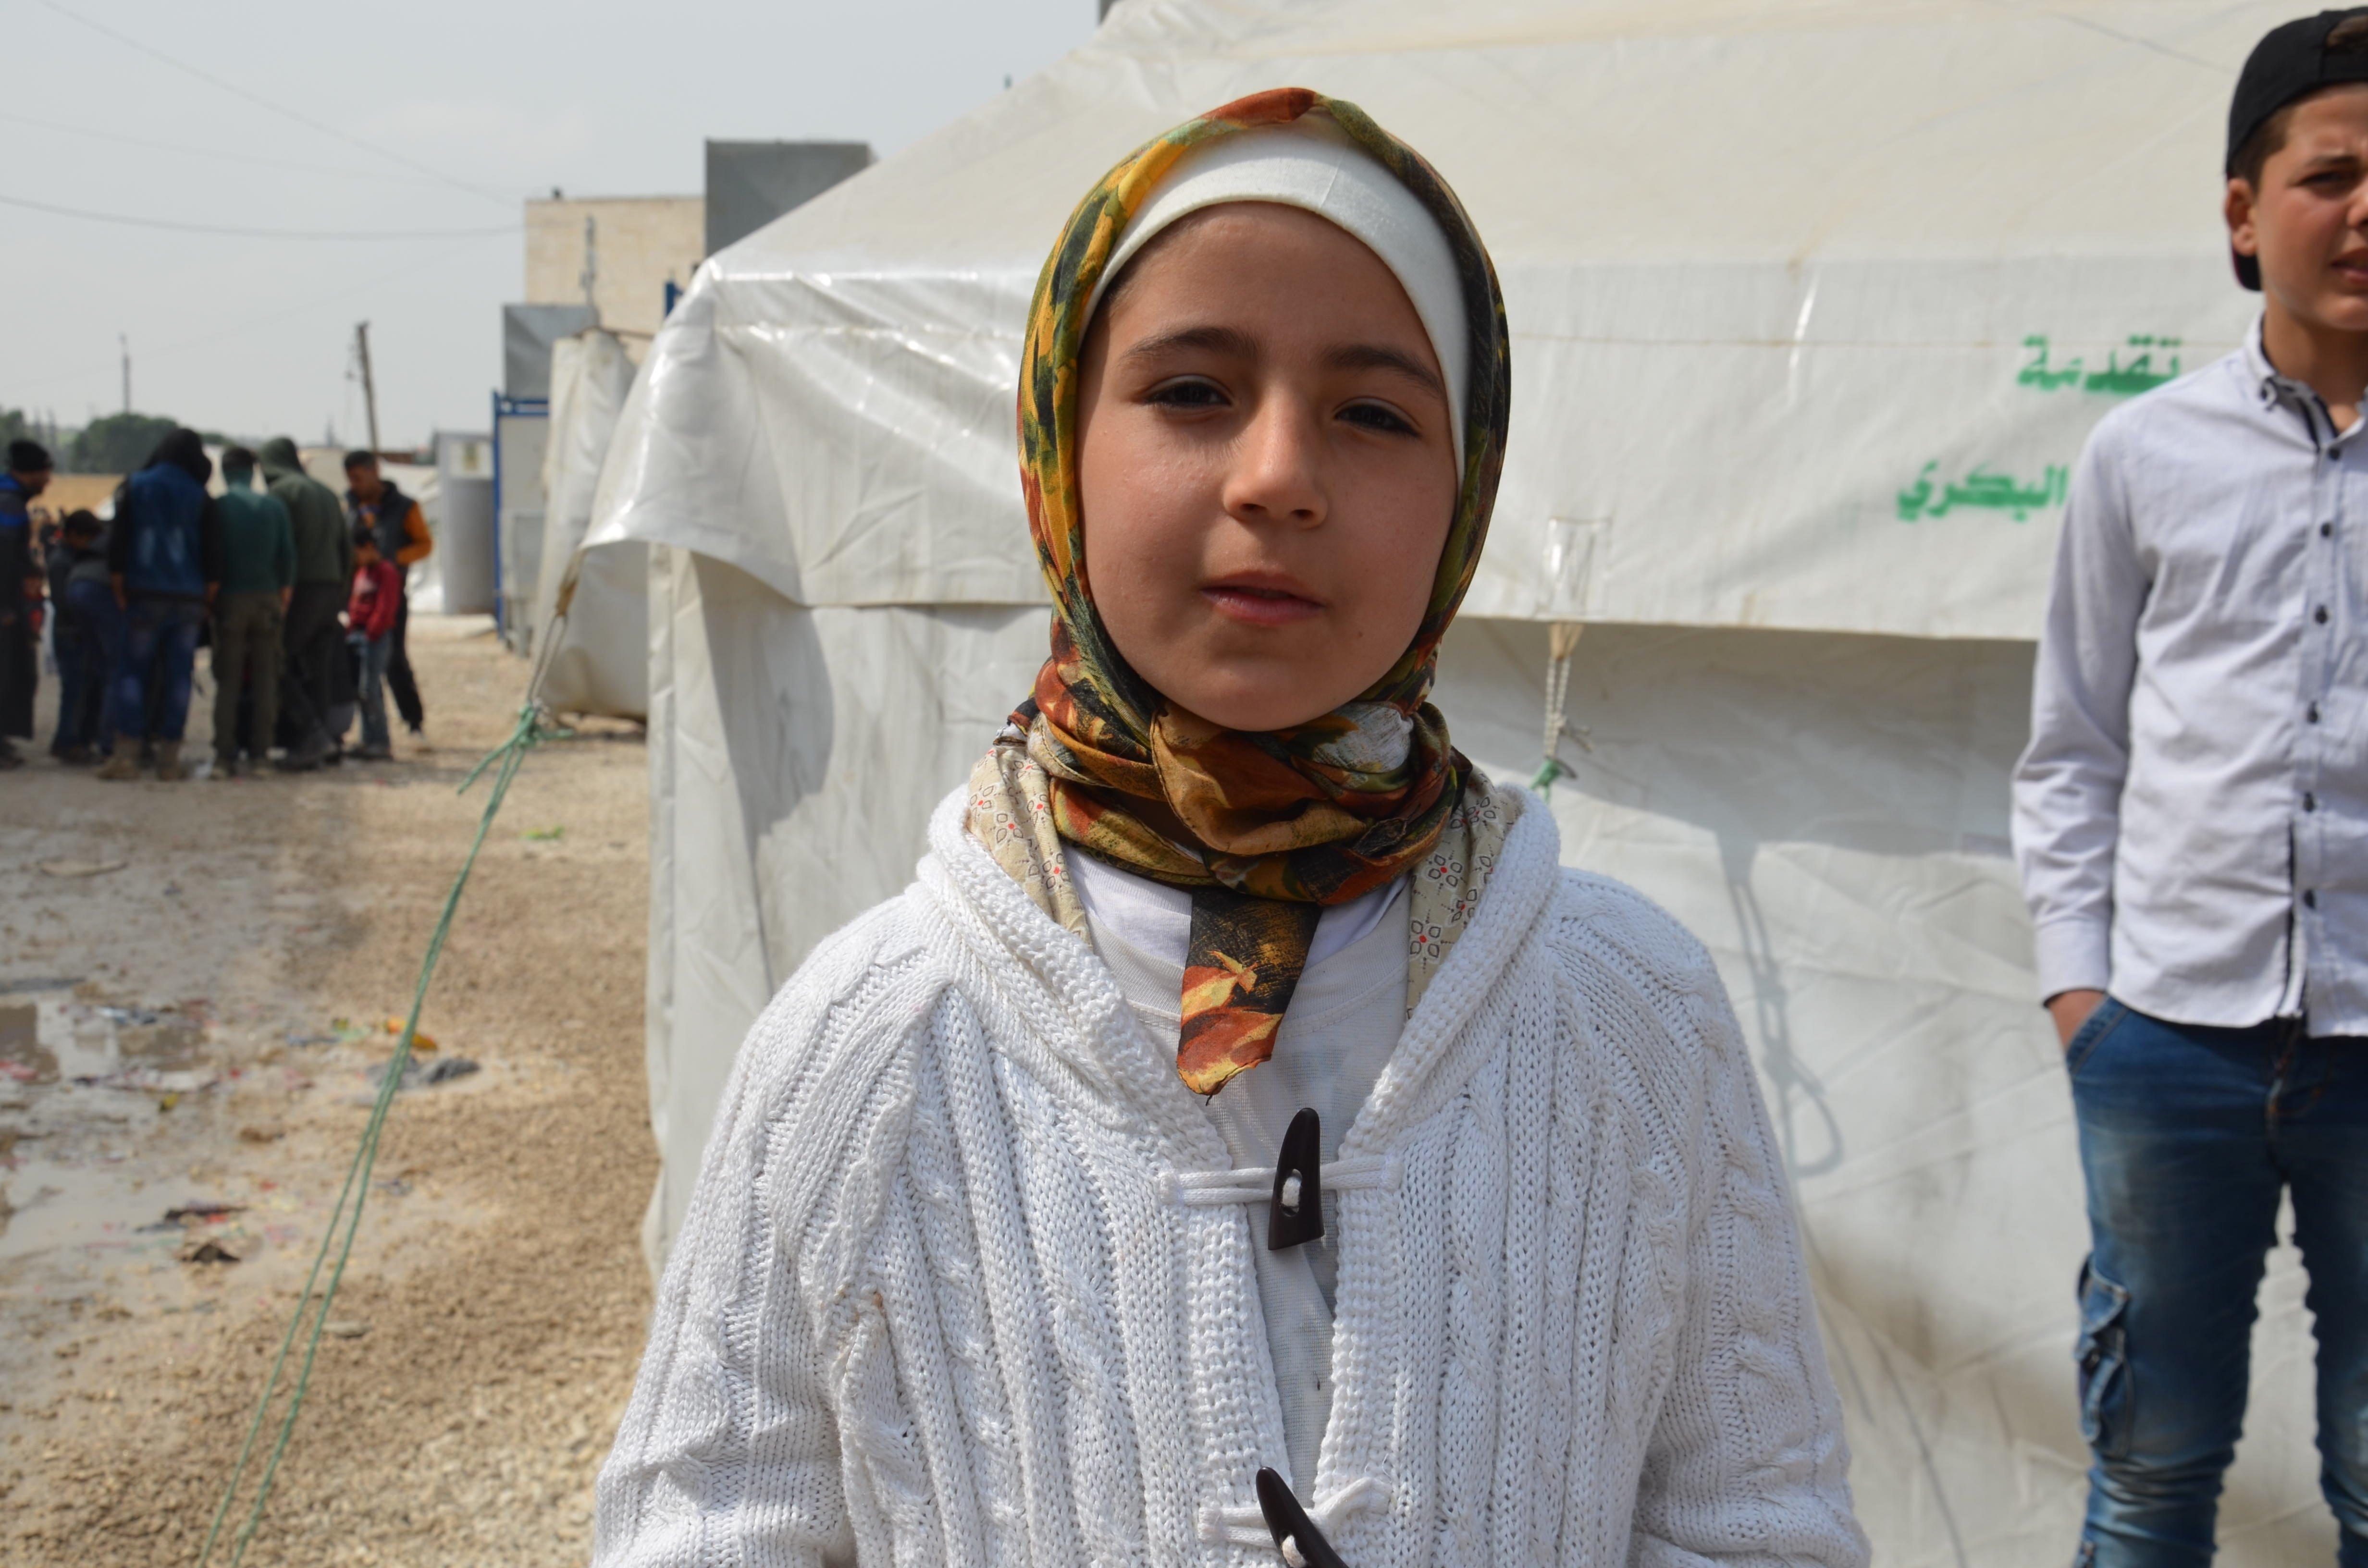 10-years-old Asma Maruf. (IHA)